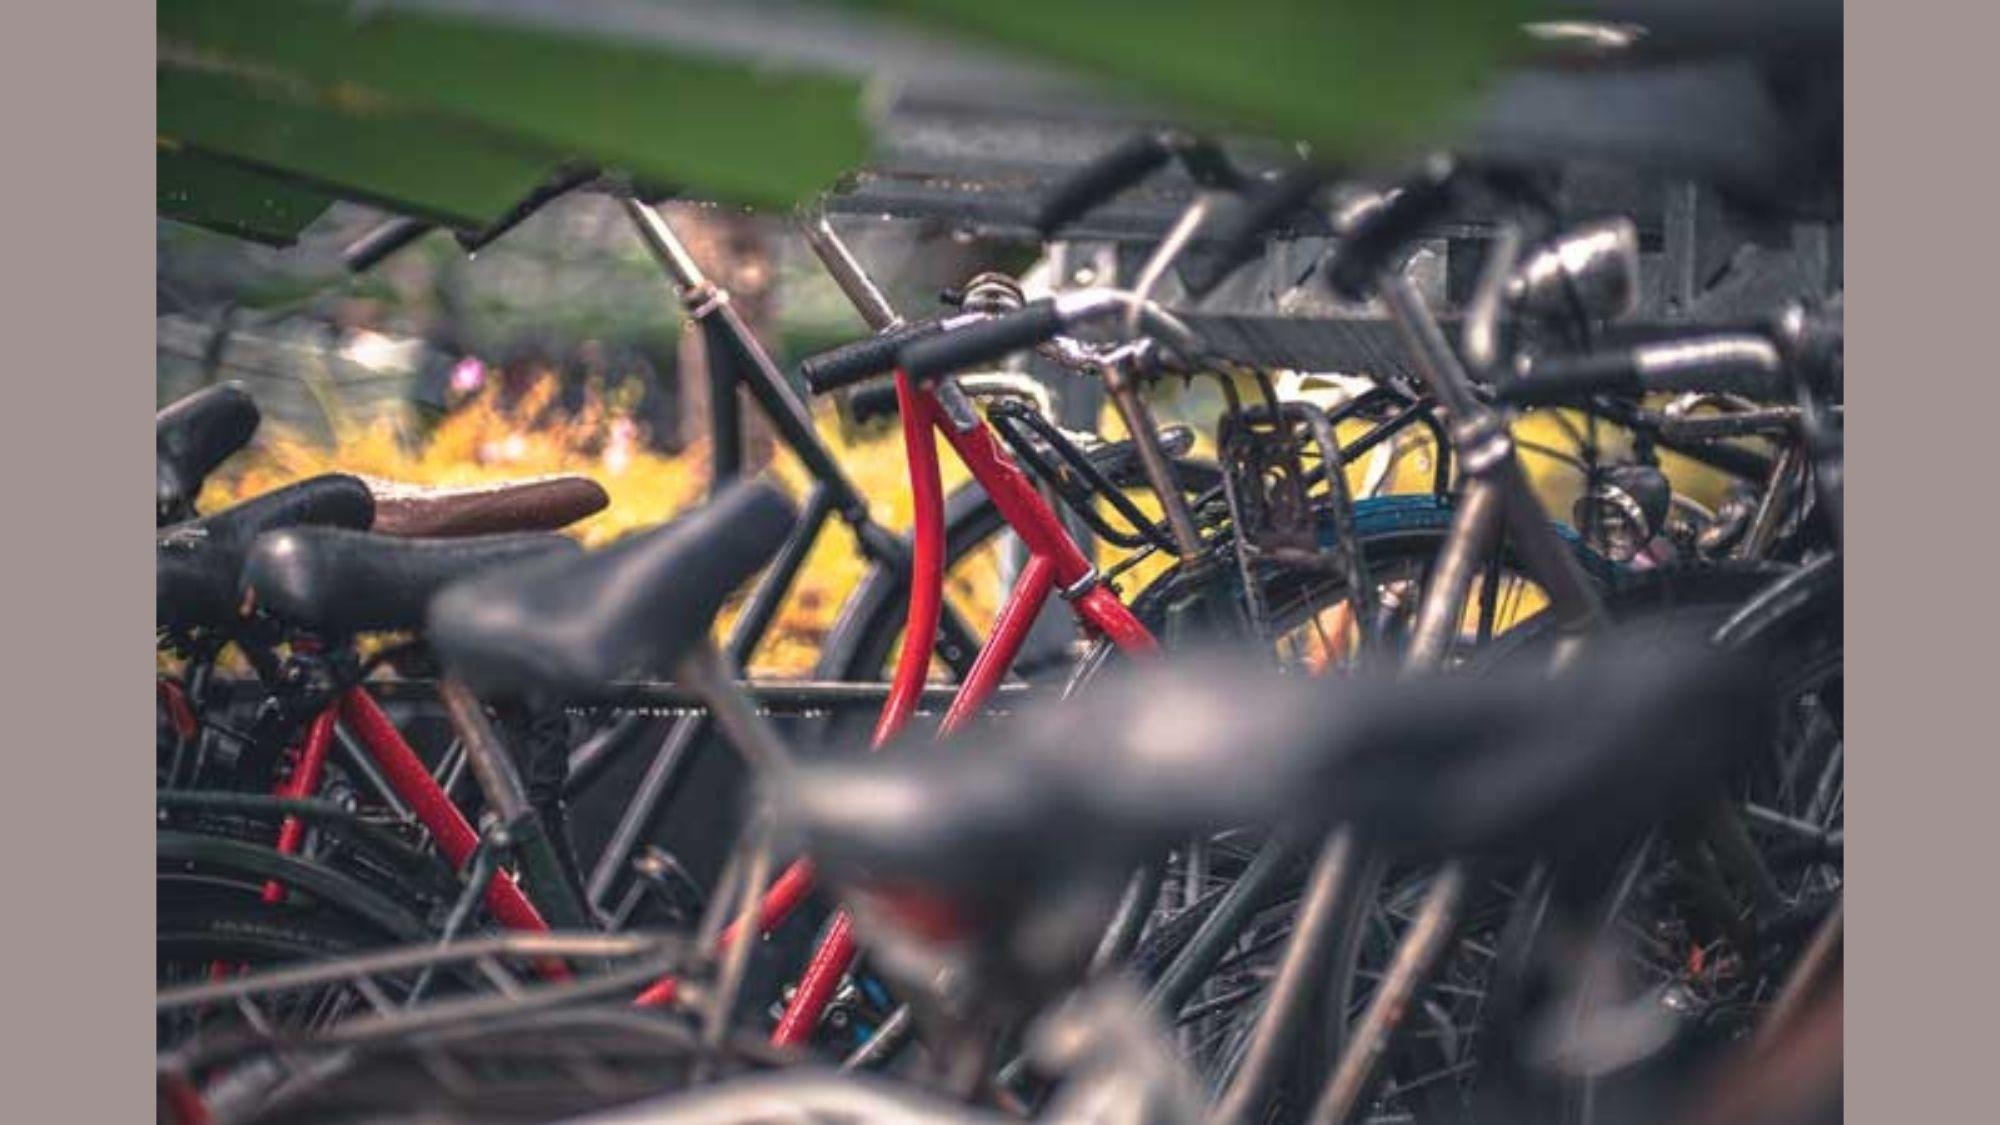 Bike for Livelihood program launched